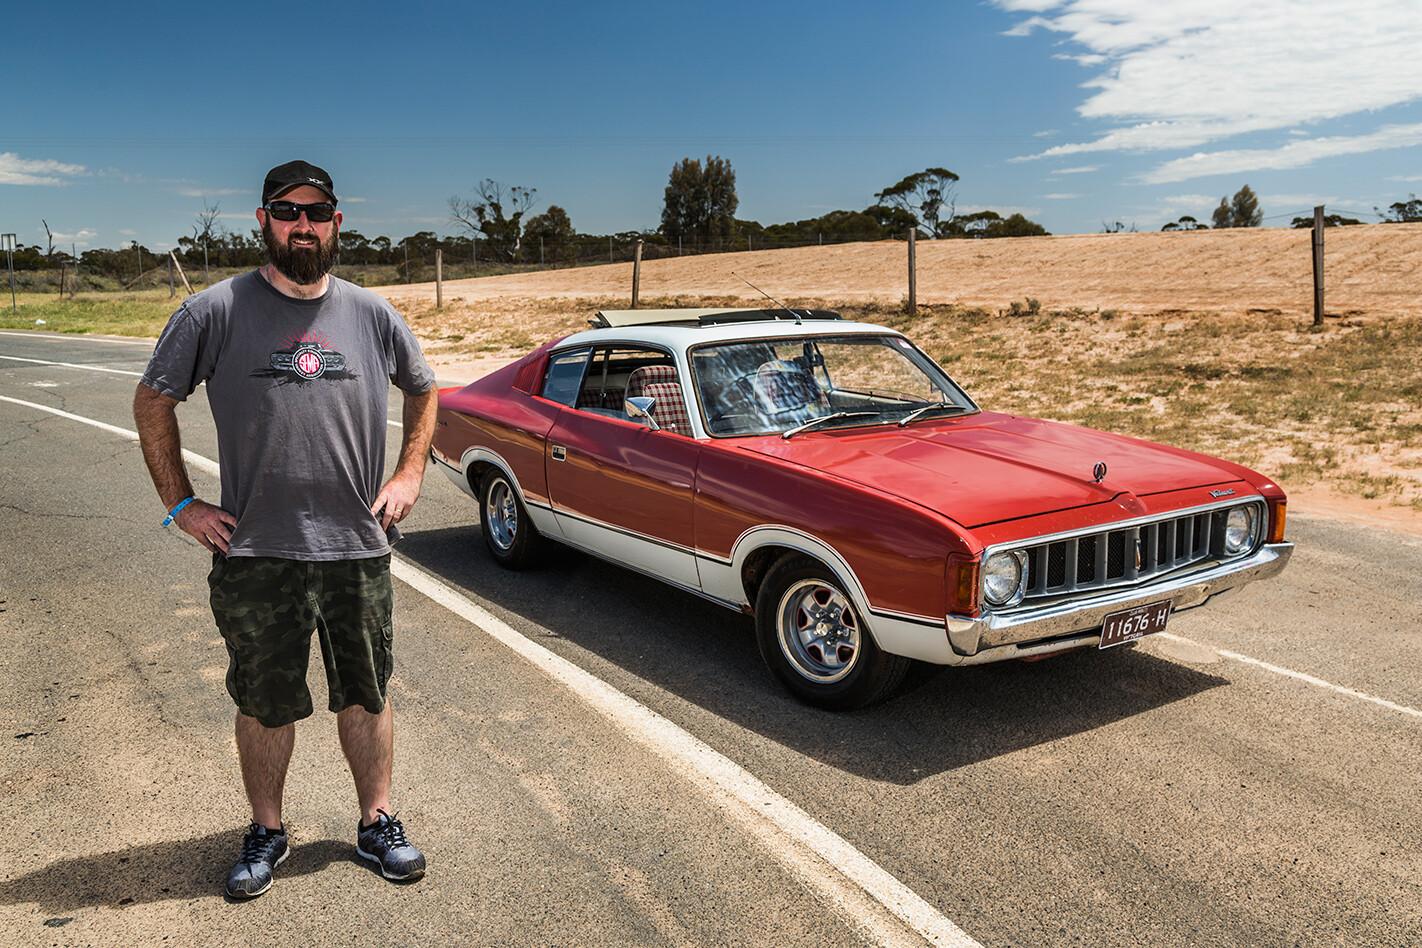 Chrysler VJ Valiant Charger Brad Keem